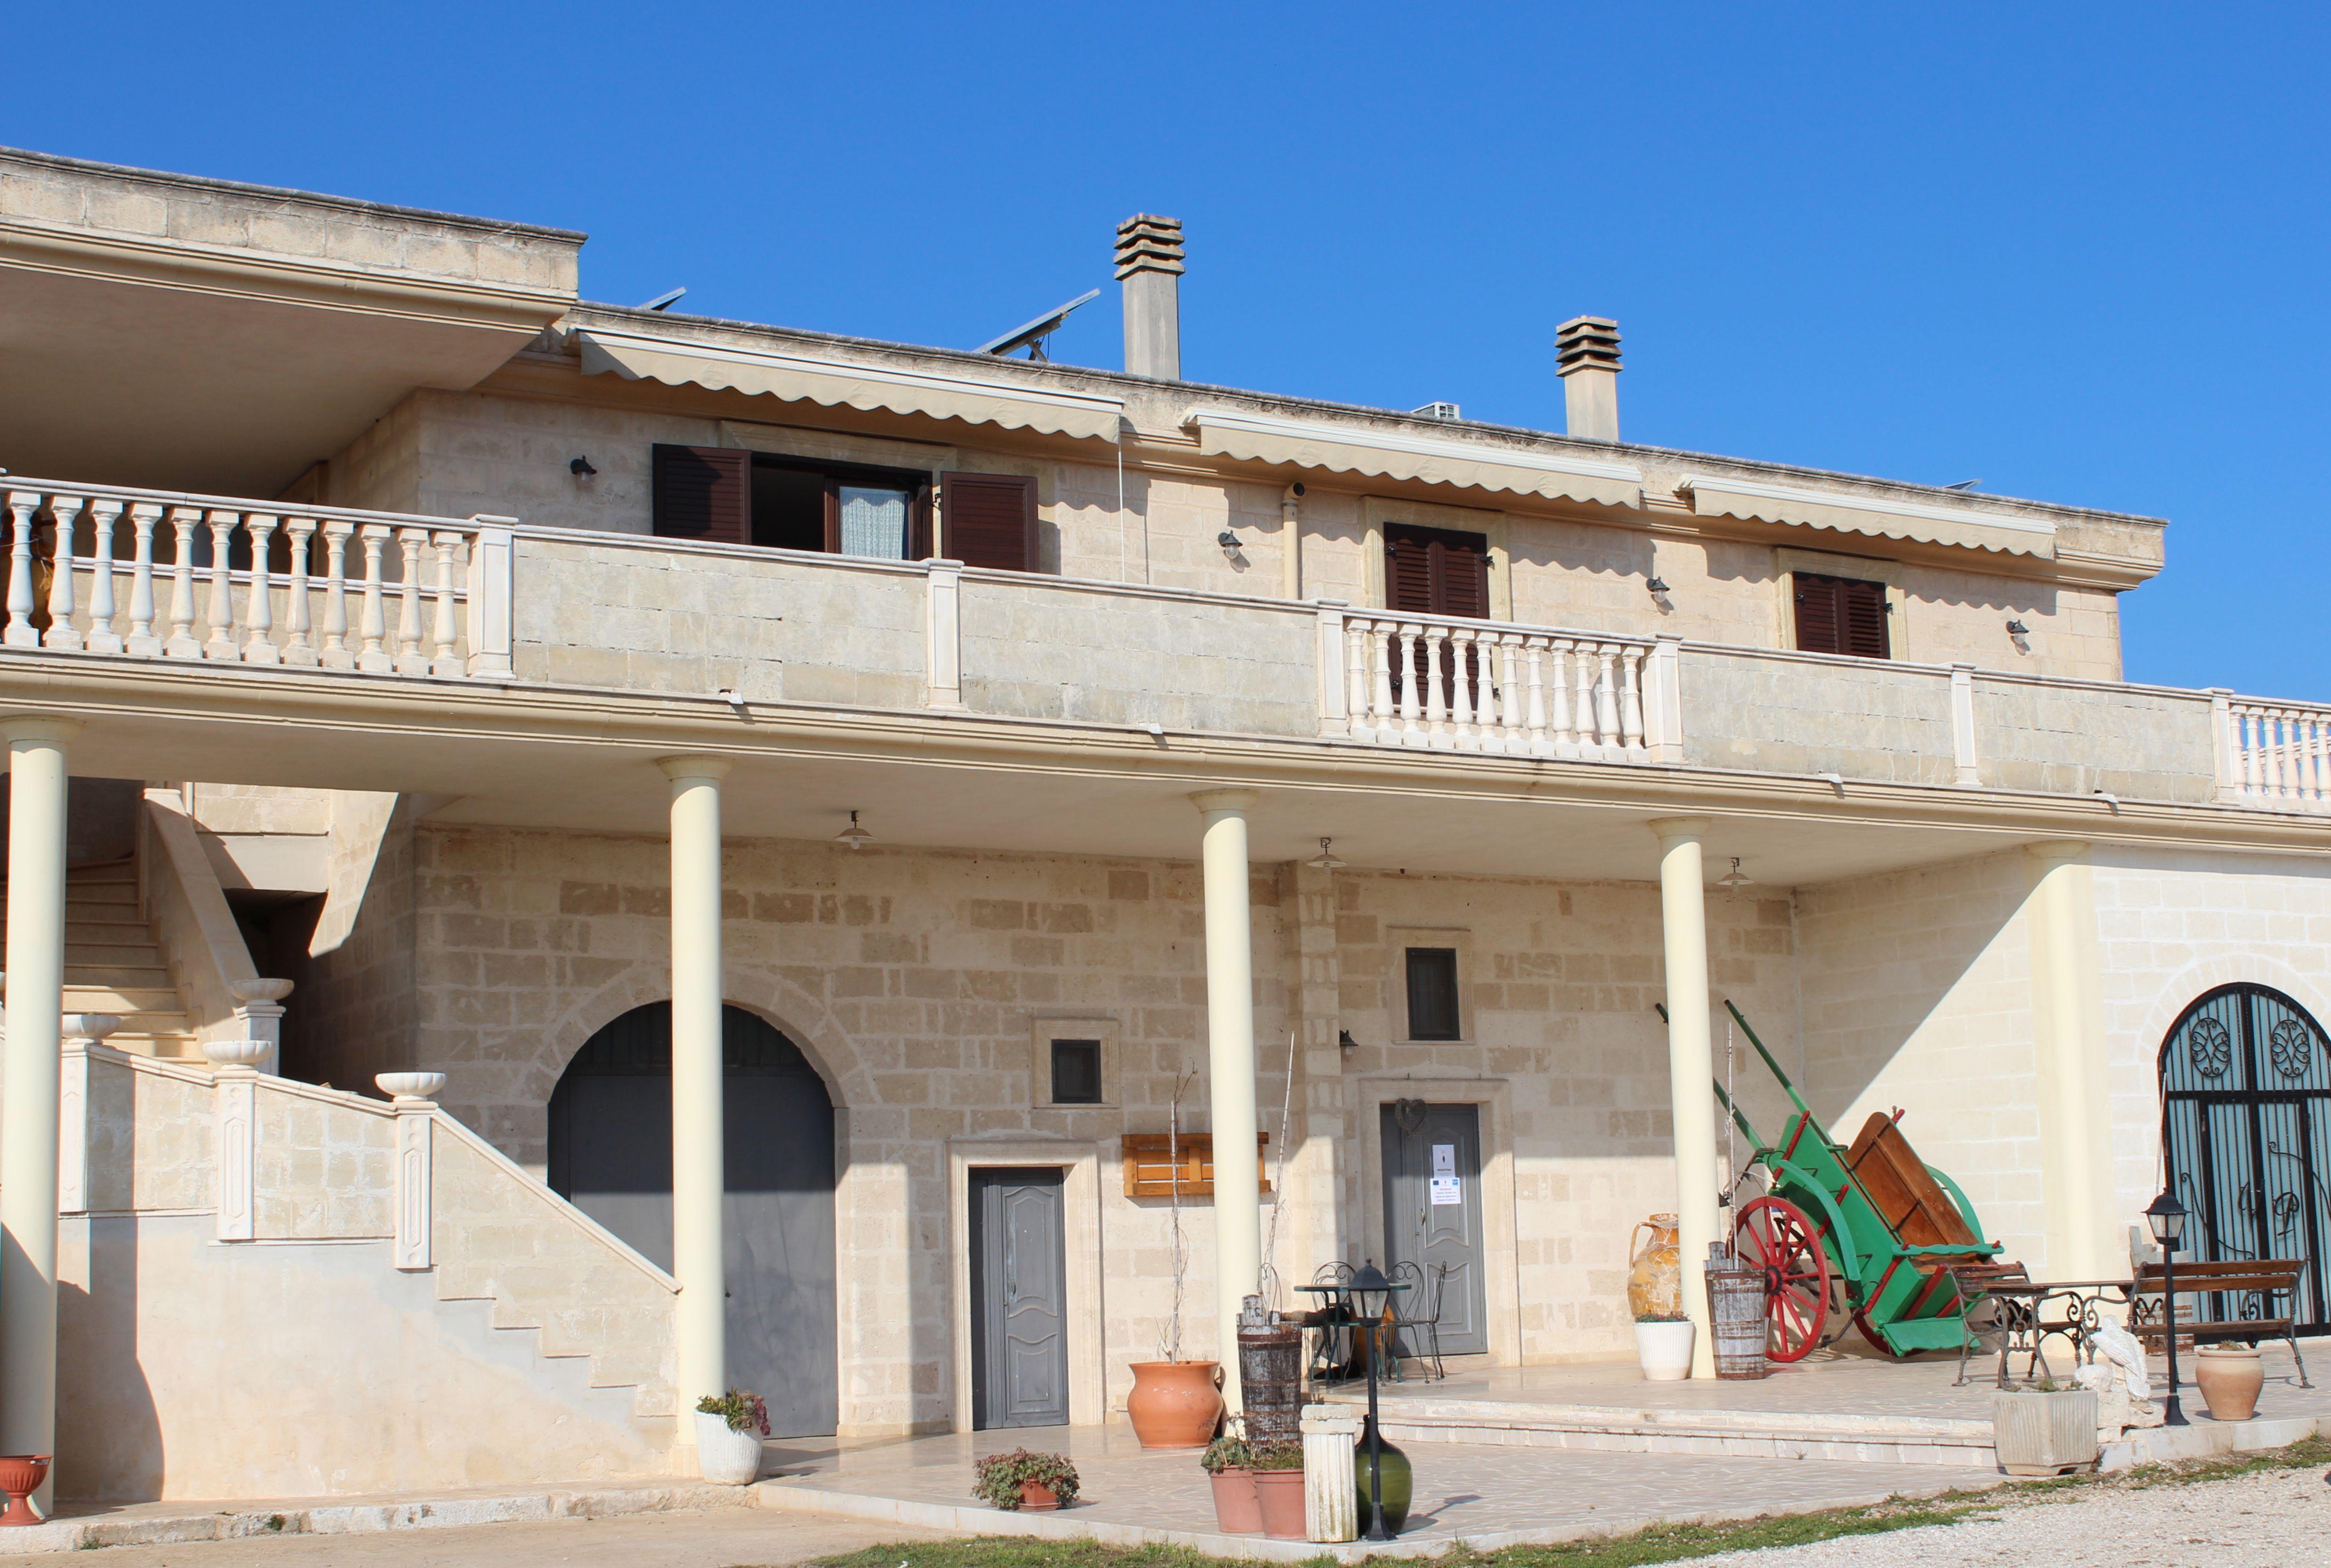 uno scorcio della Masseria Moretti, Laterza (TA)